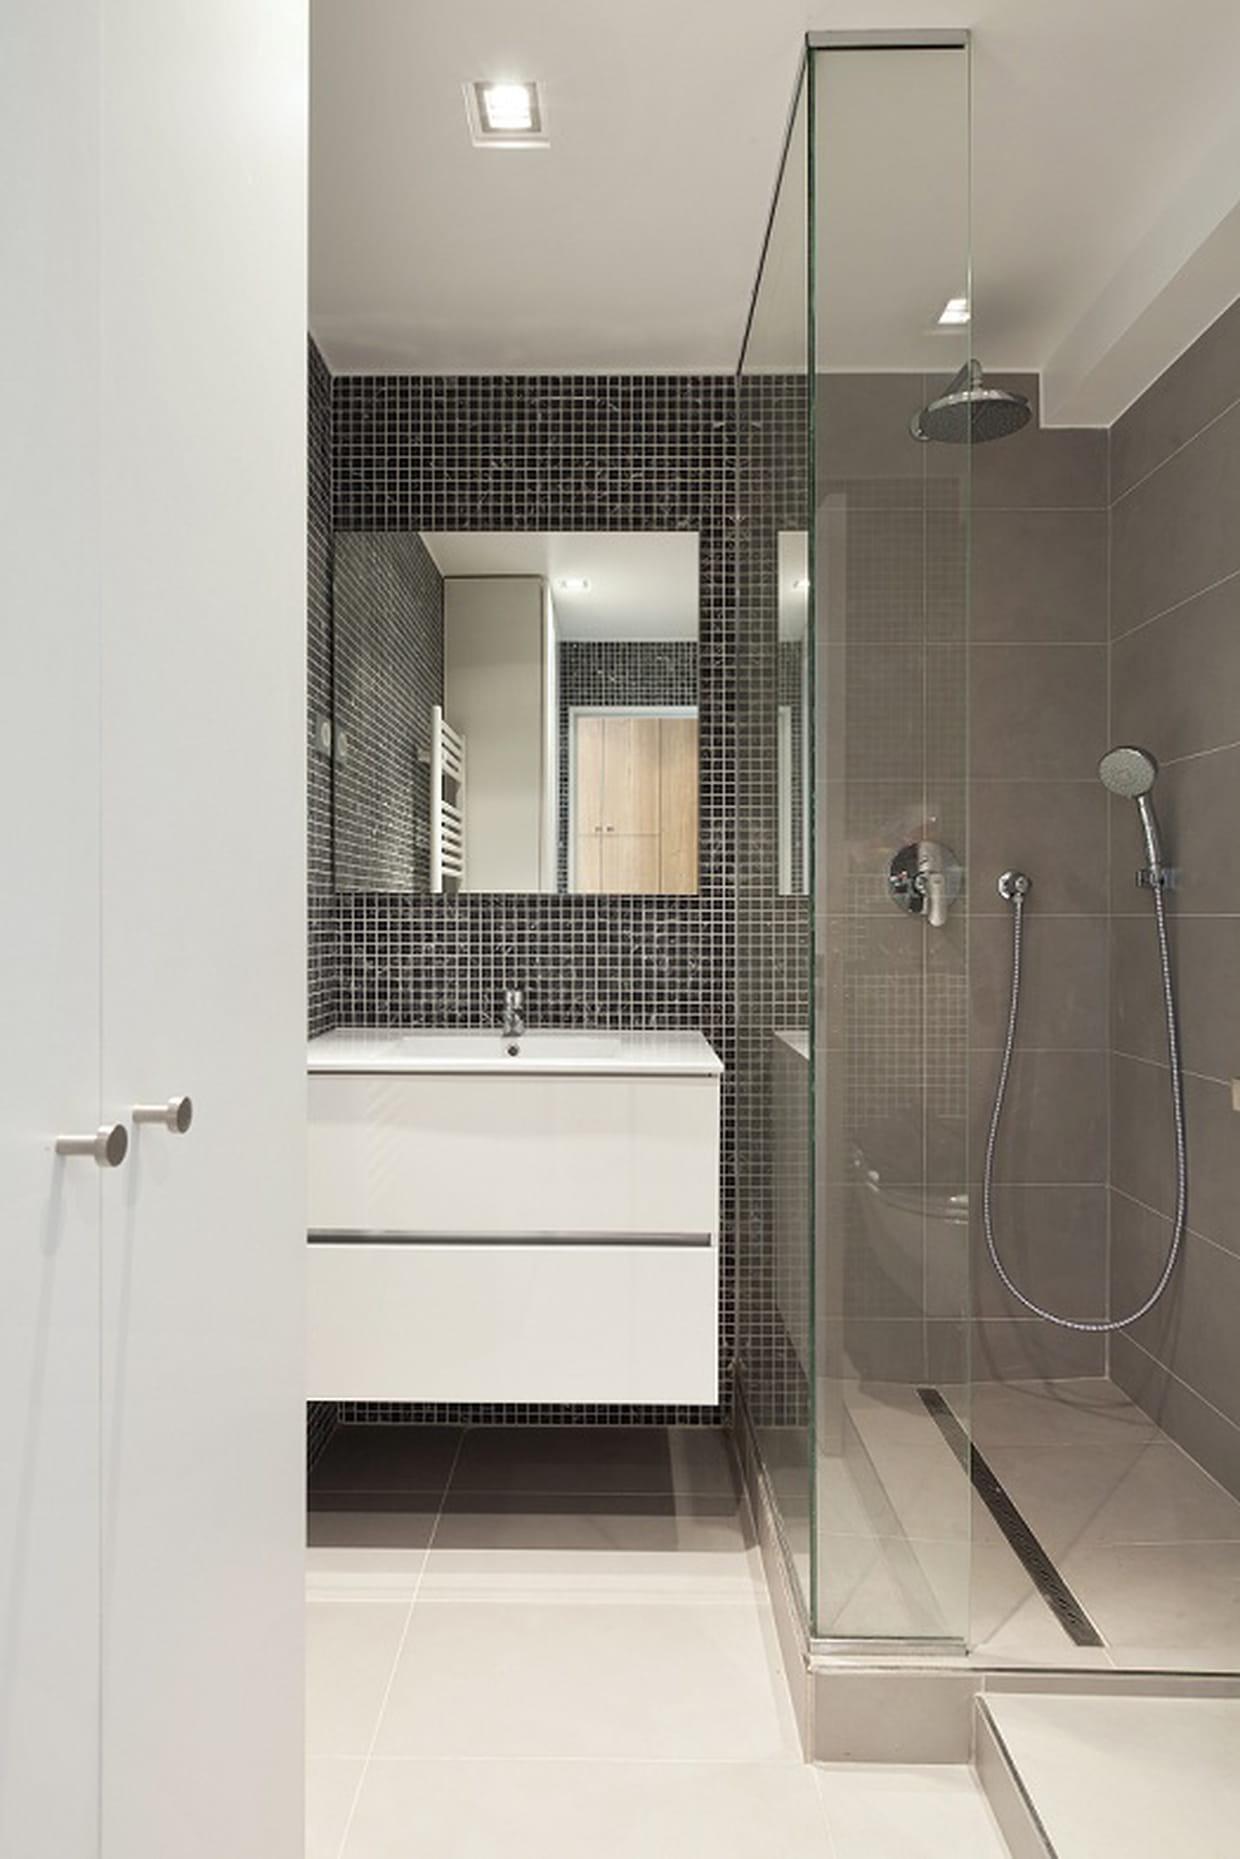 Petite salle de bains avec douche l 39 italienne - Salle de bain avec douche a l italienne ...